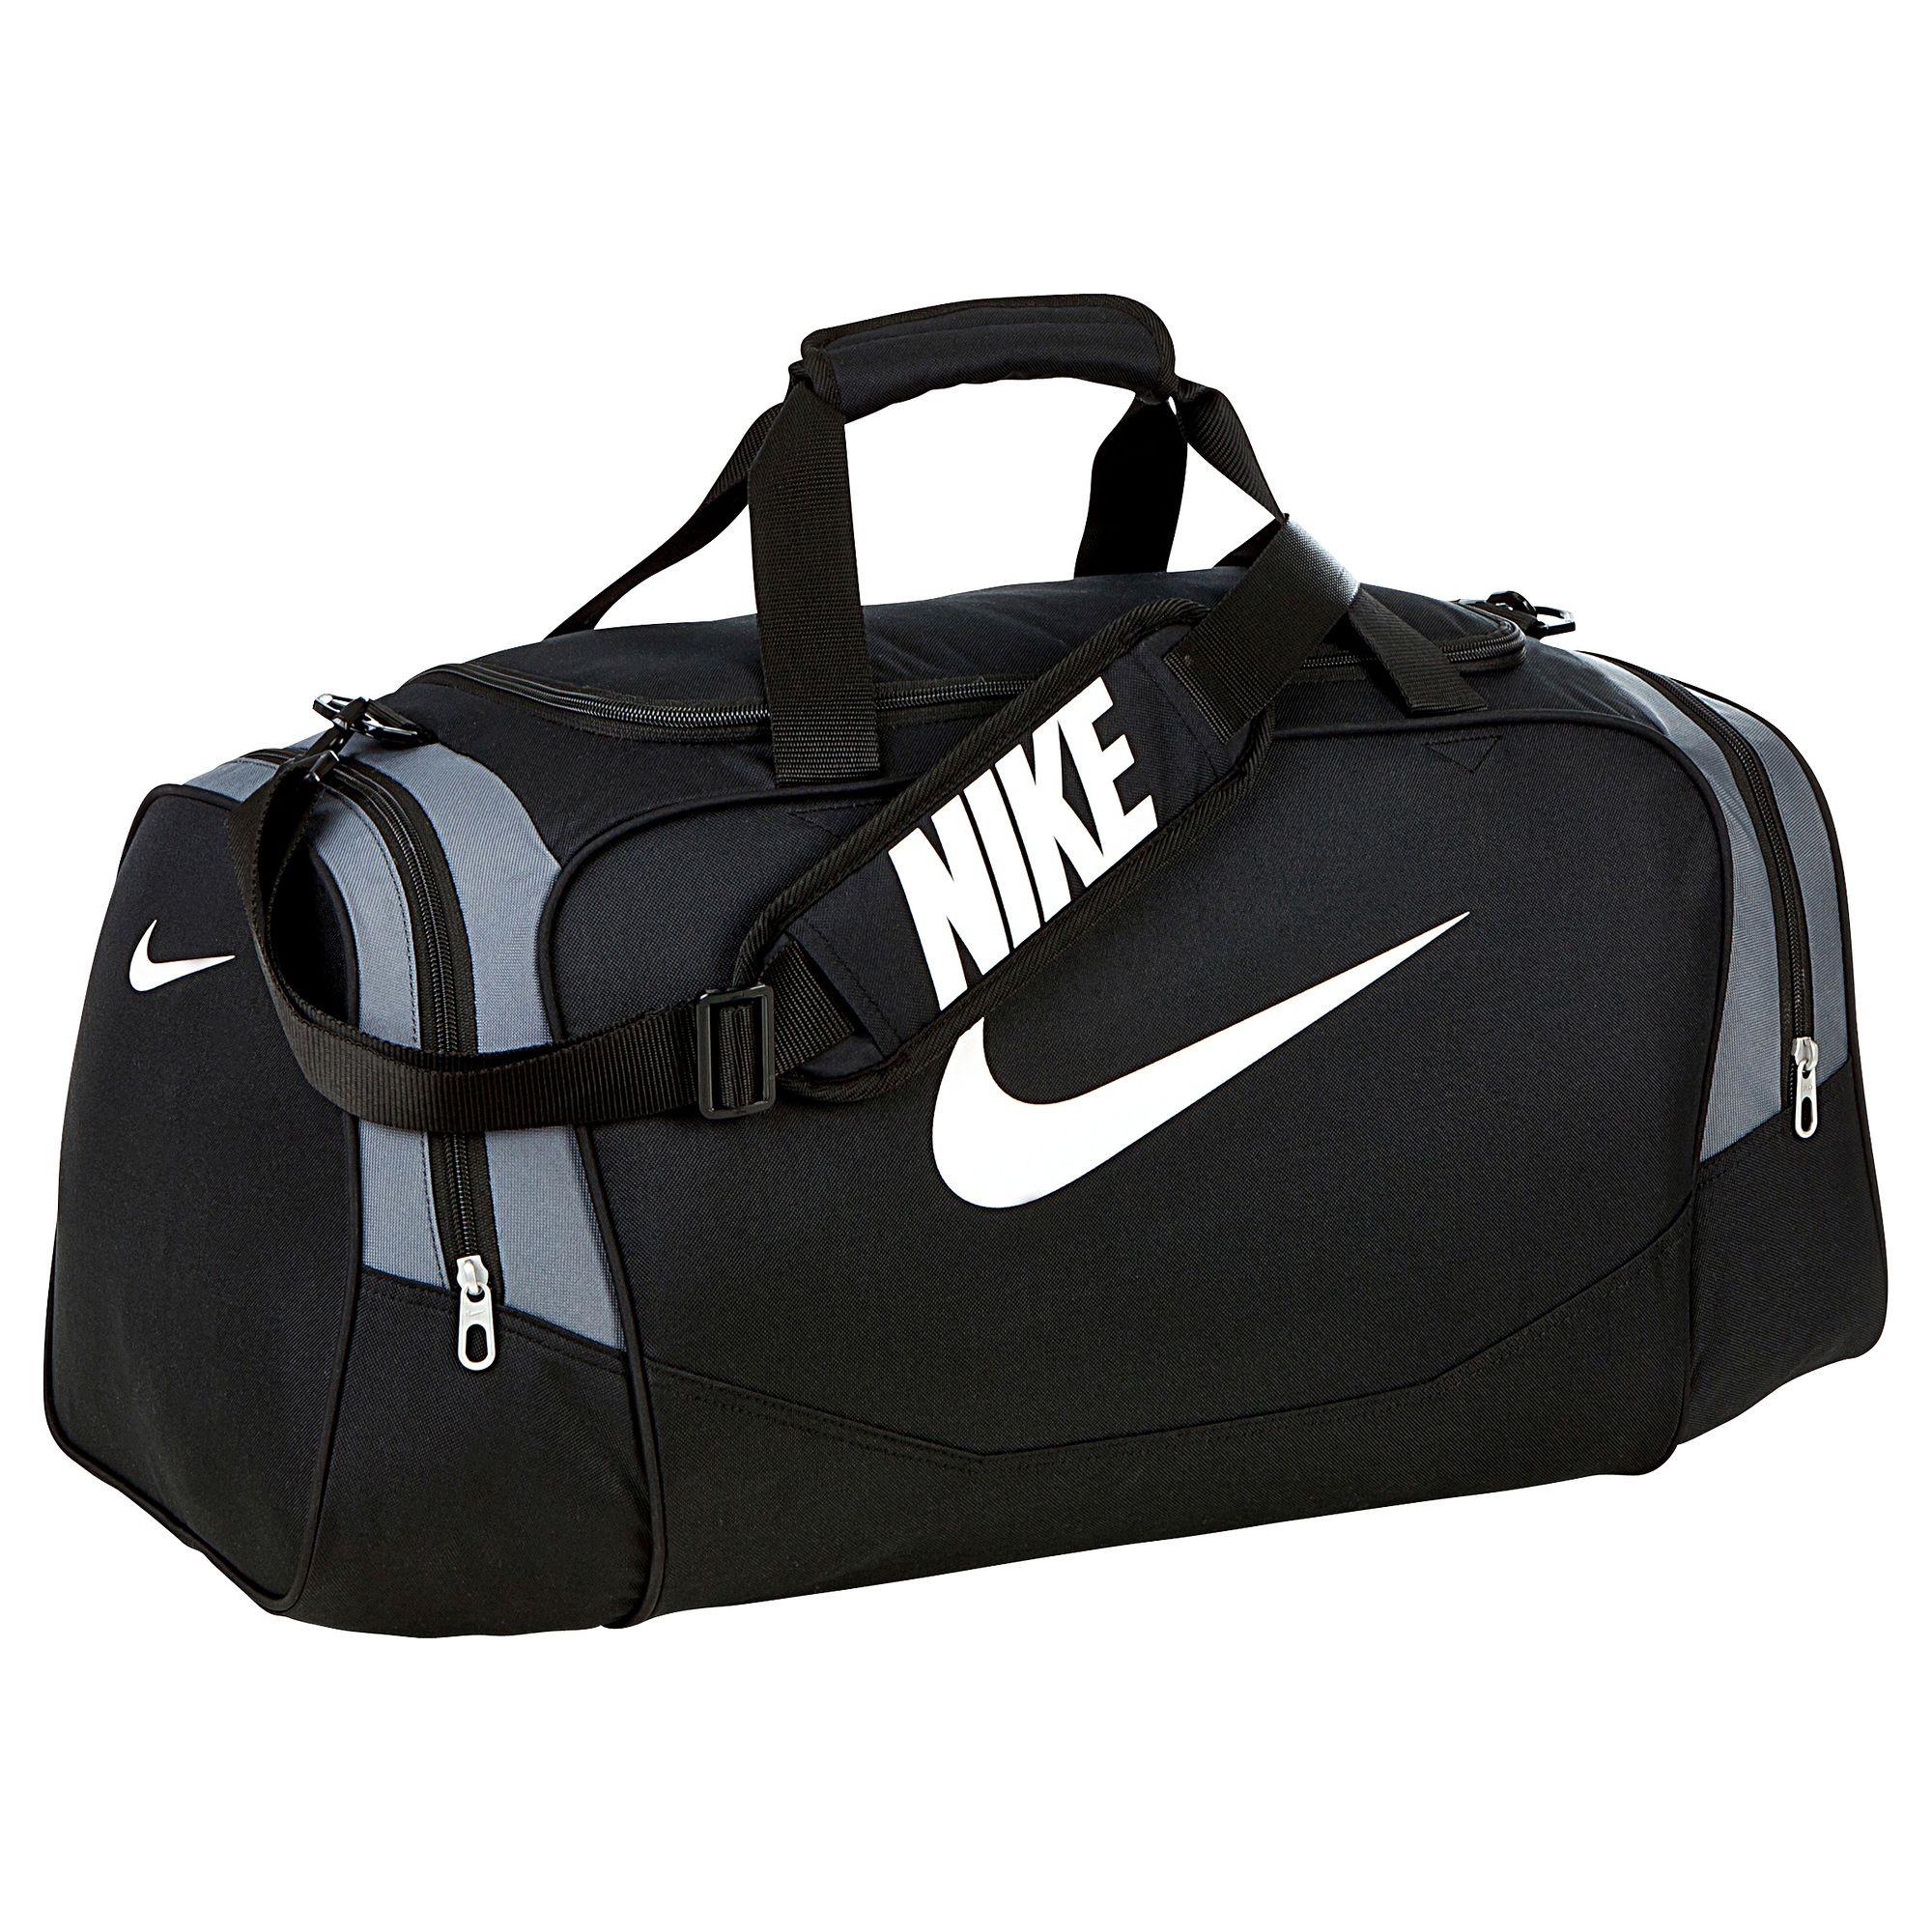 Torba treningowa Nike za 79,99zł @ Decathlon